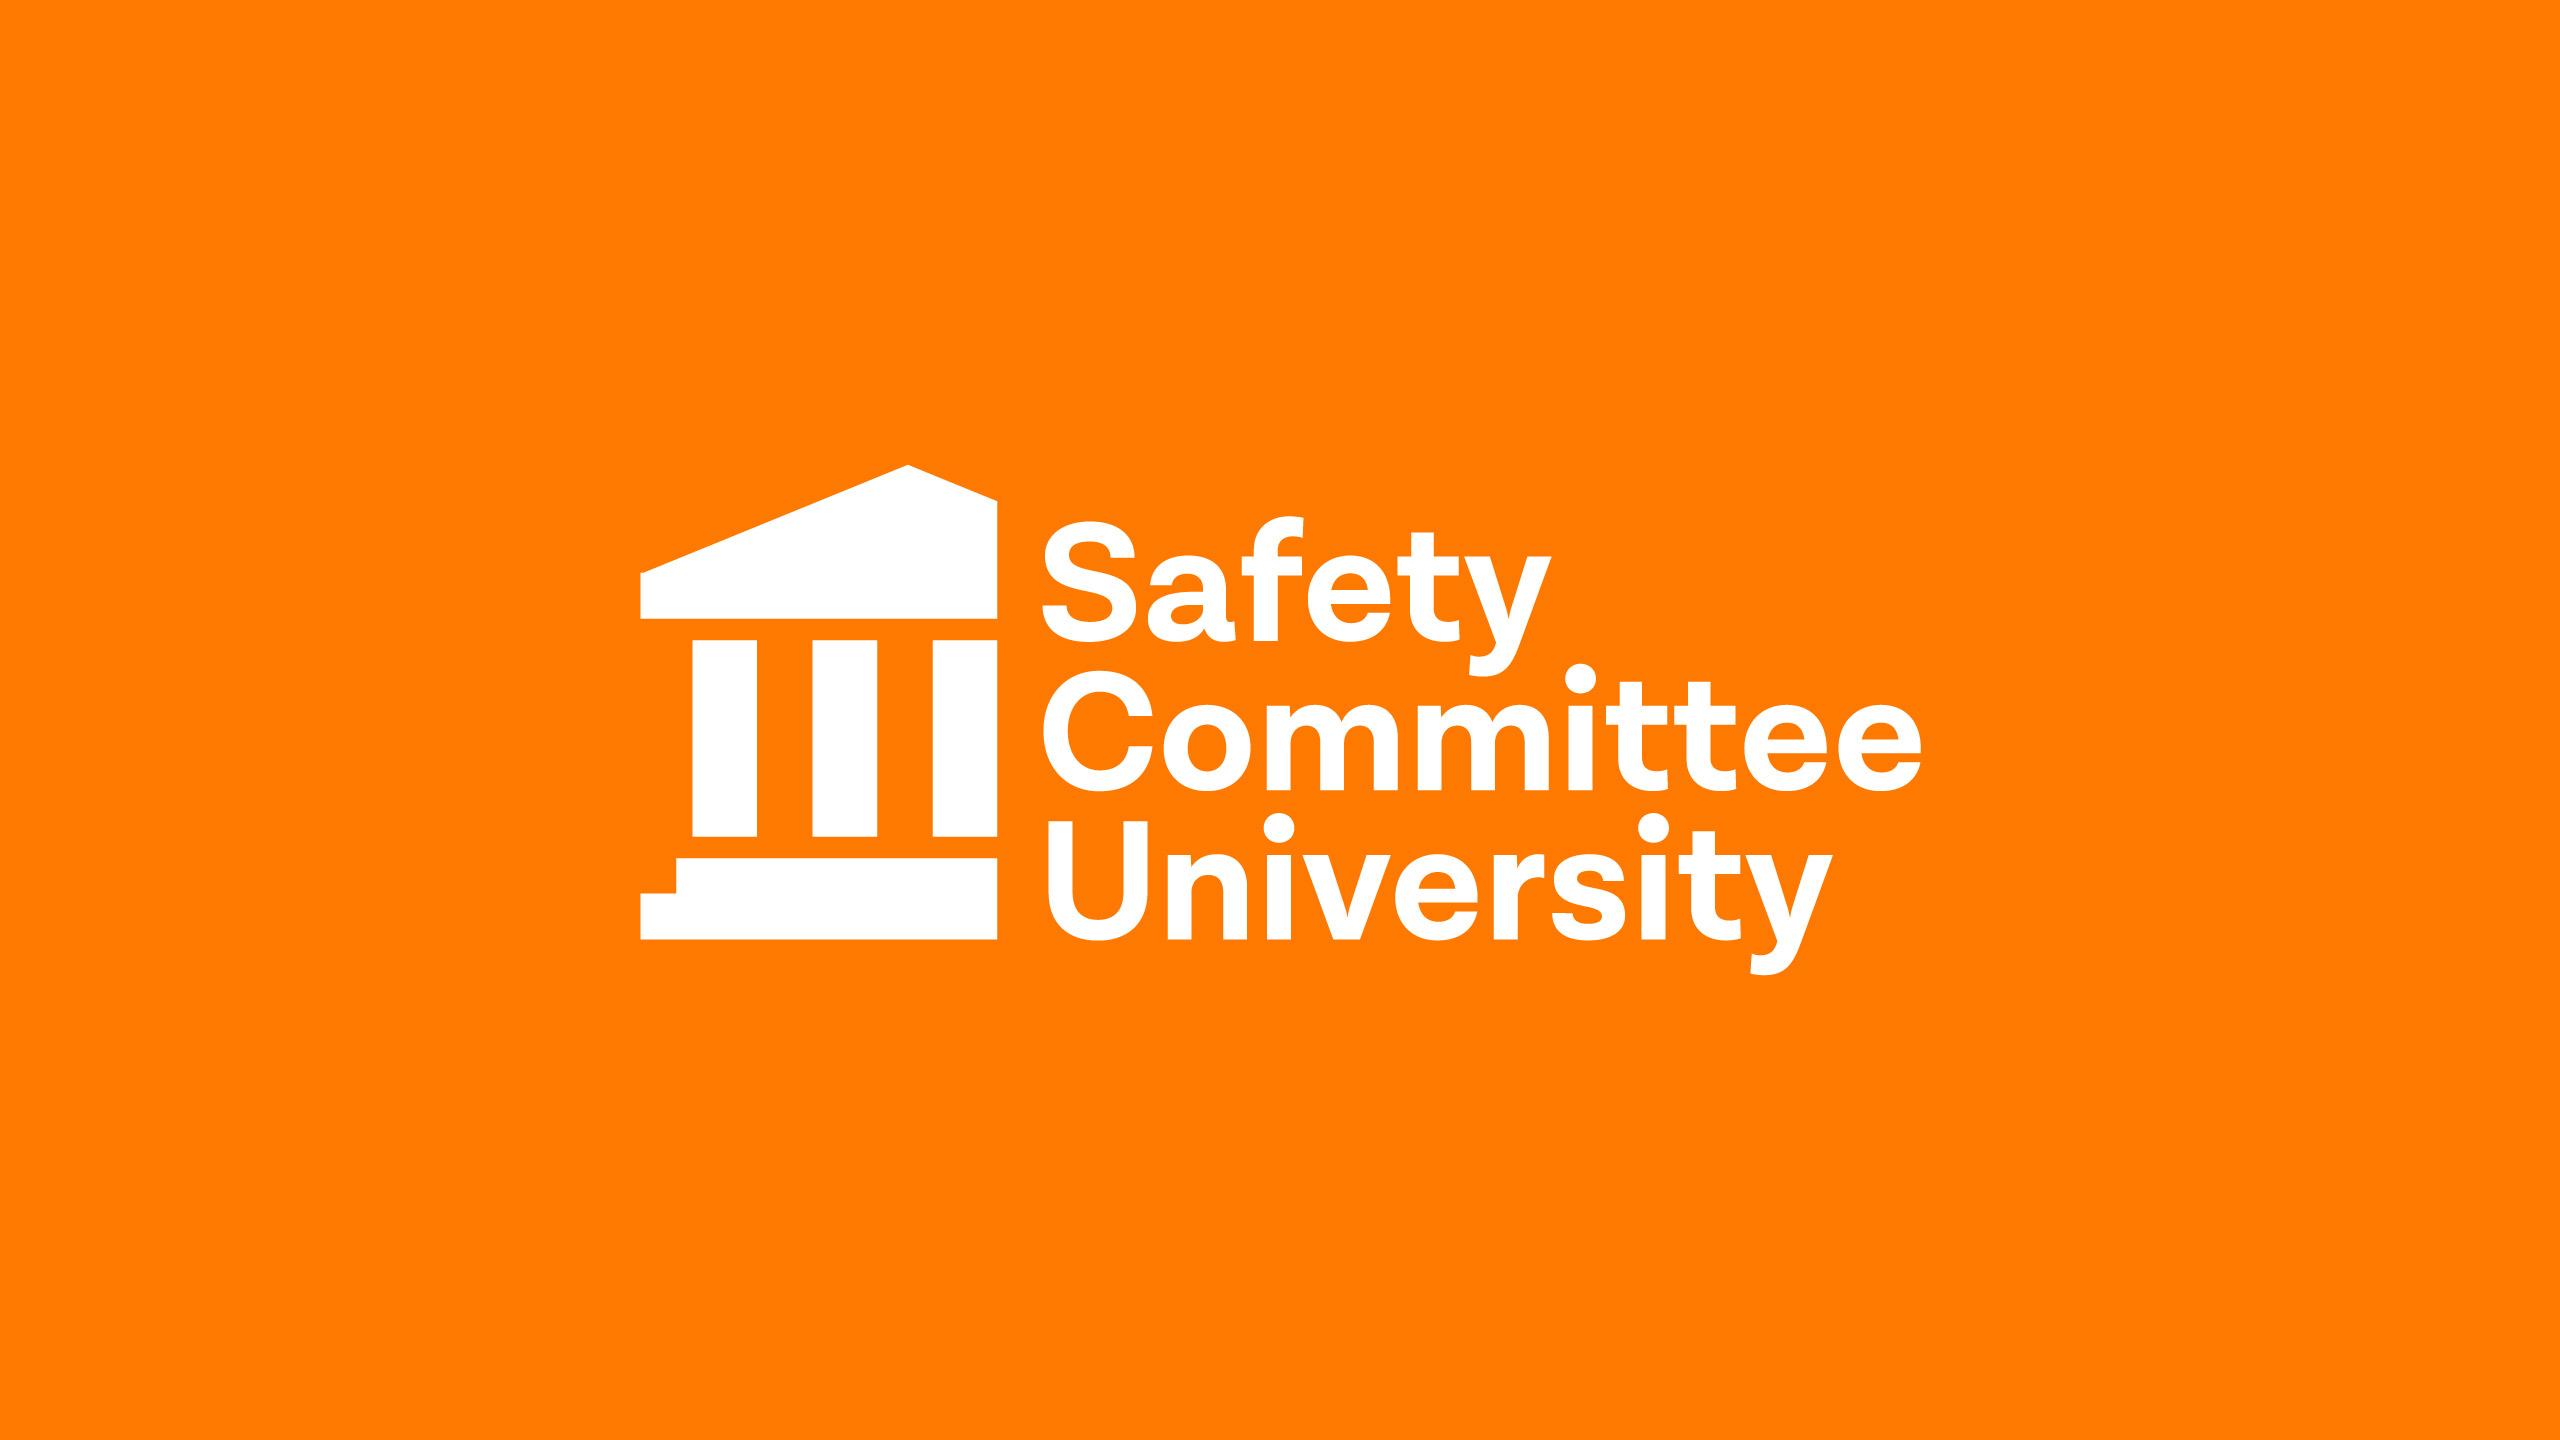 Safety design Oregon